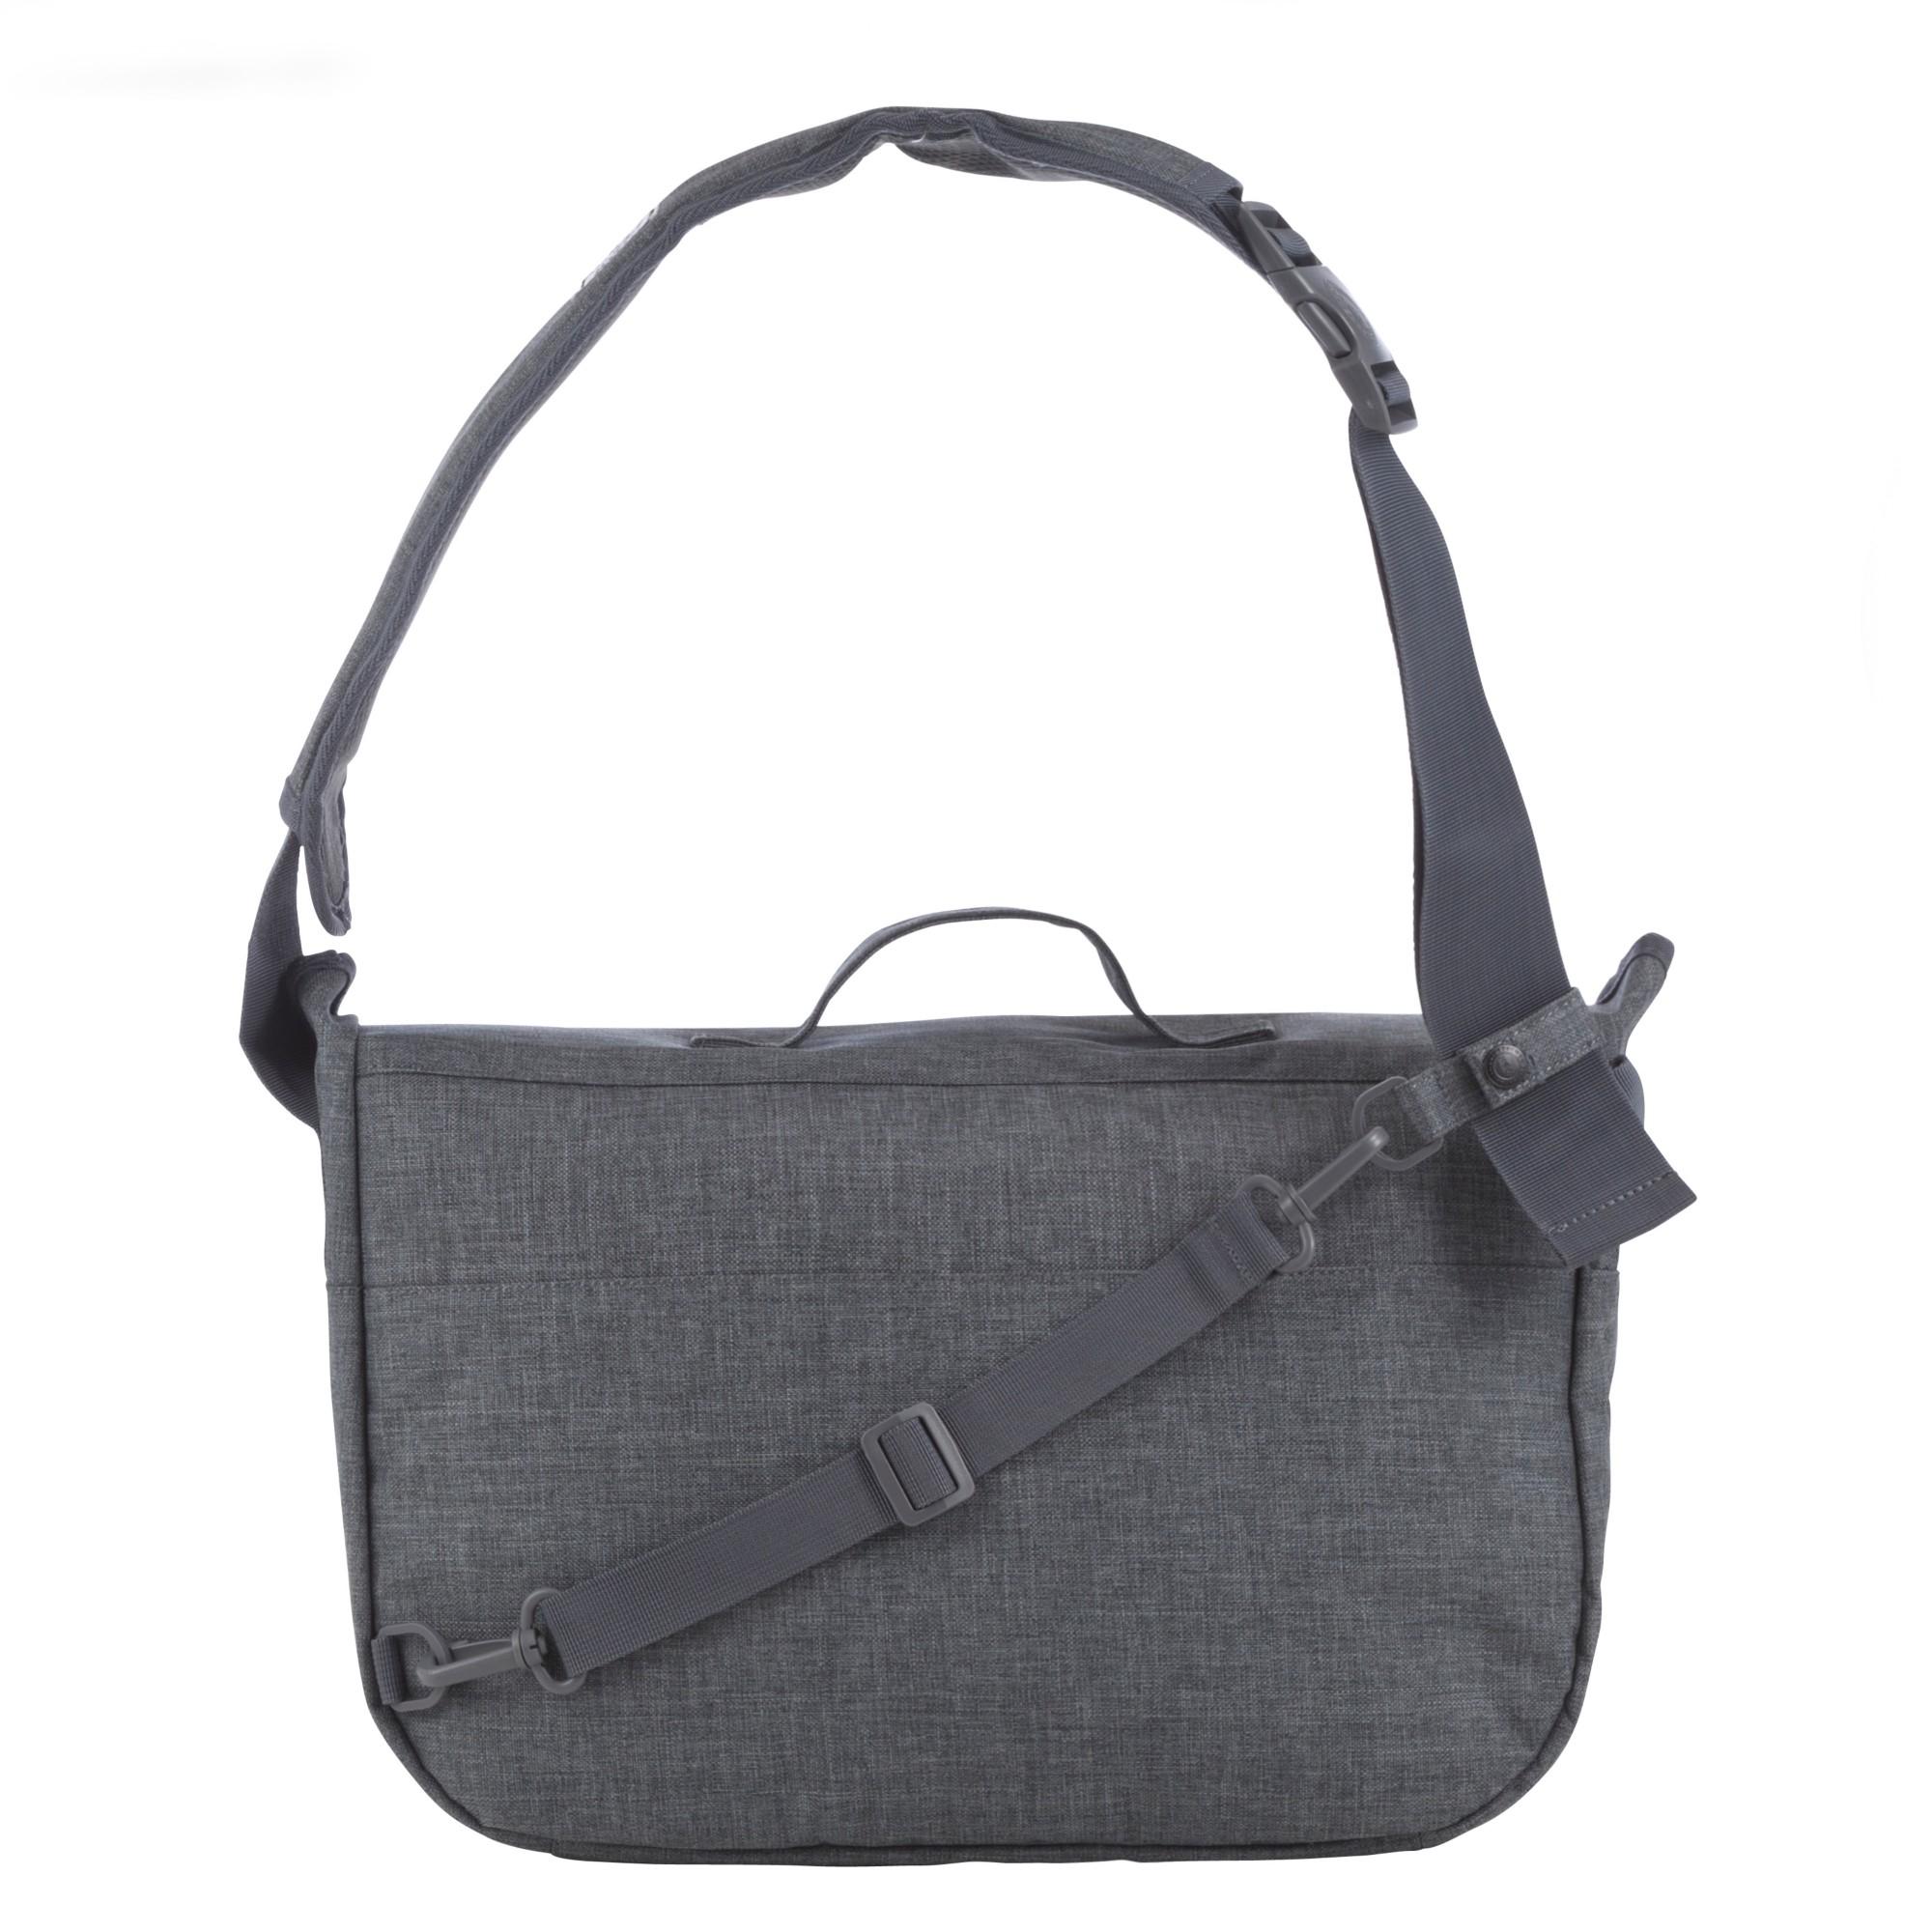 b62928293d Herschel Supply Co. Pop Quiz Messenger Bag in Gray for Men - Lyst